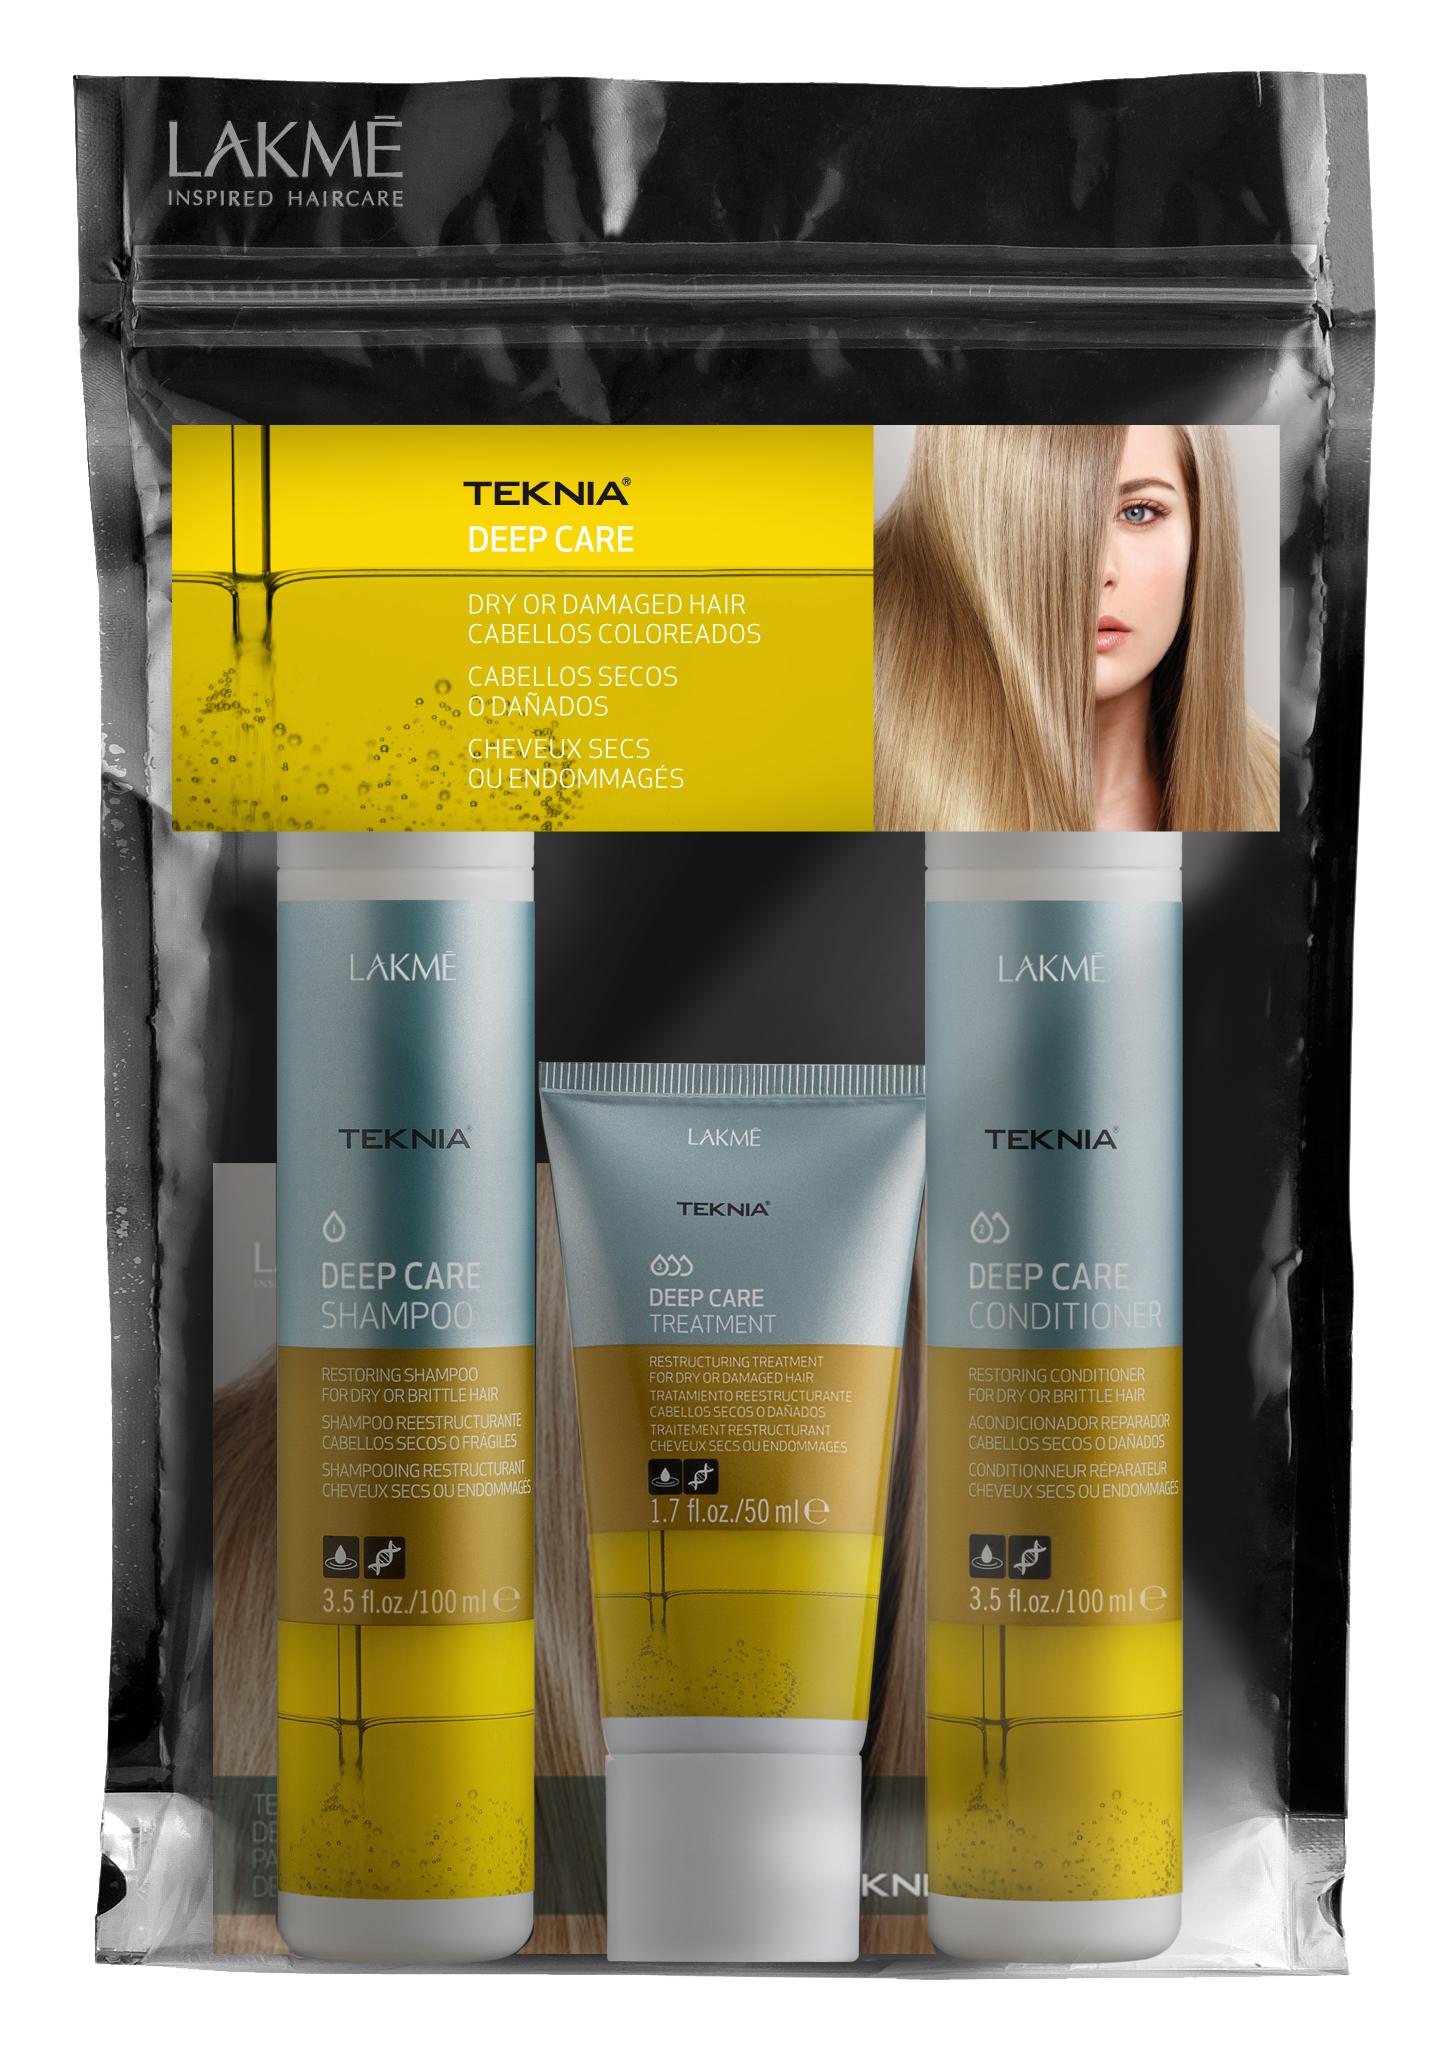 Купить LAKME Набор для сухих и поврежденных волос (шампунь 100 мл, кондиционер 100 мл, маска 50 мл) Teknia Deep Care Travel Pack